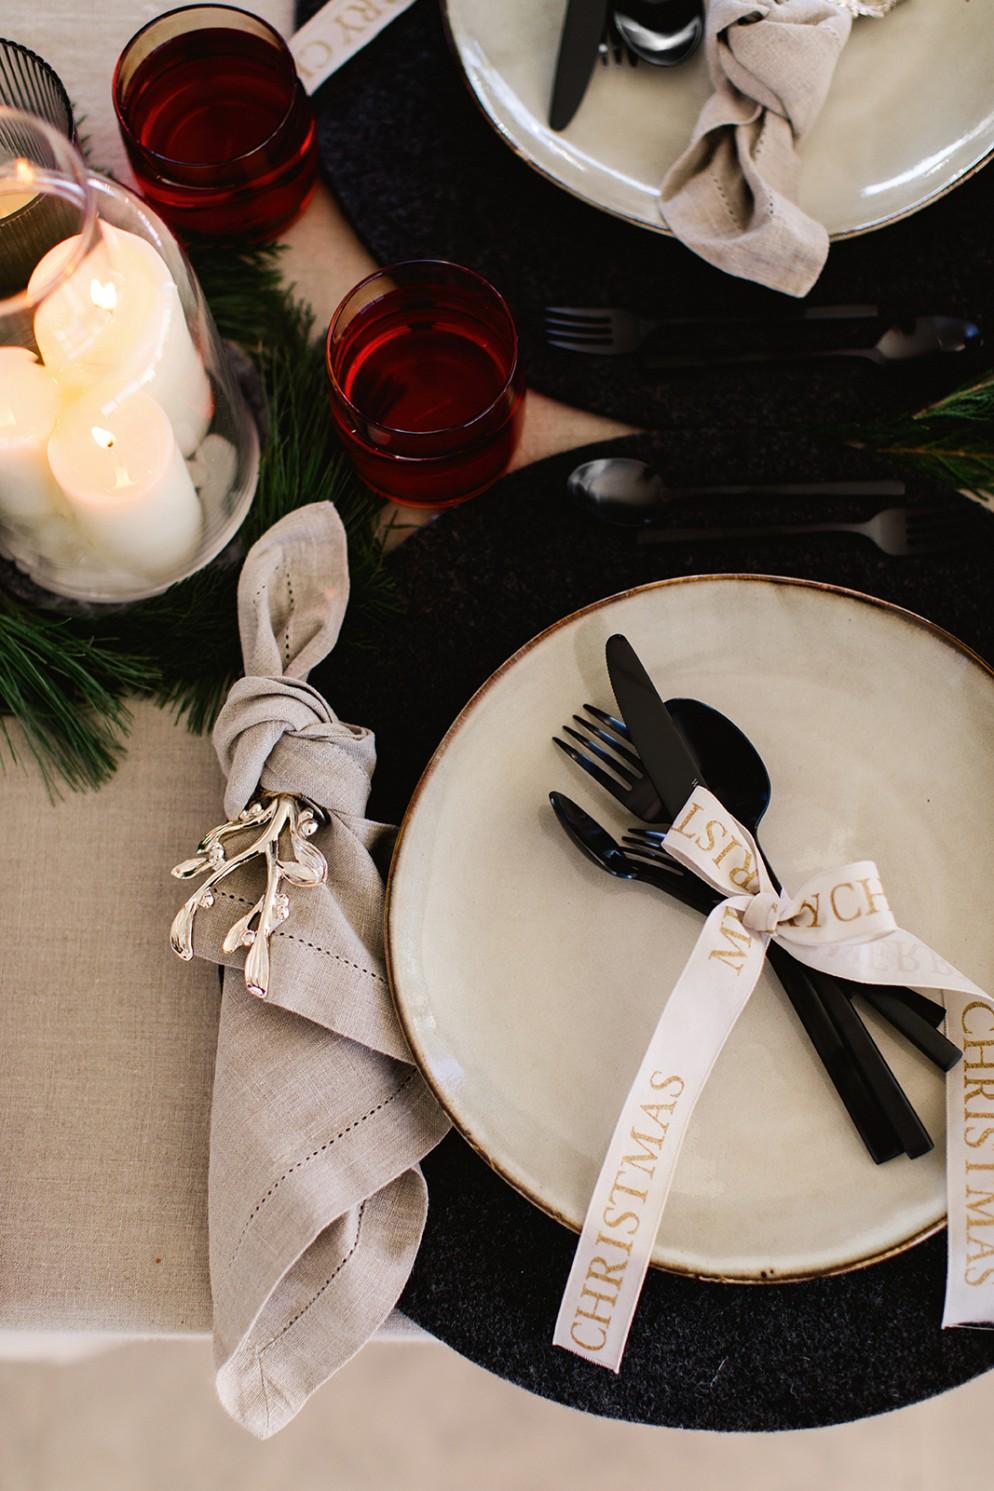 come-piegare-tovaglioli-tavola-natale-11ok-living-corriere